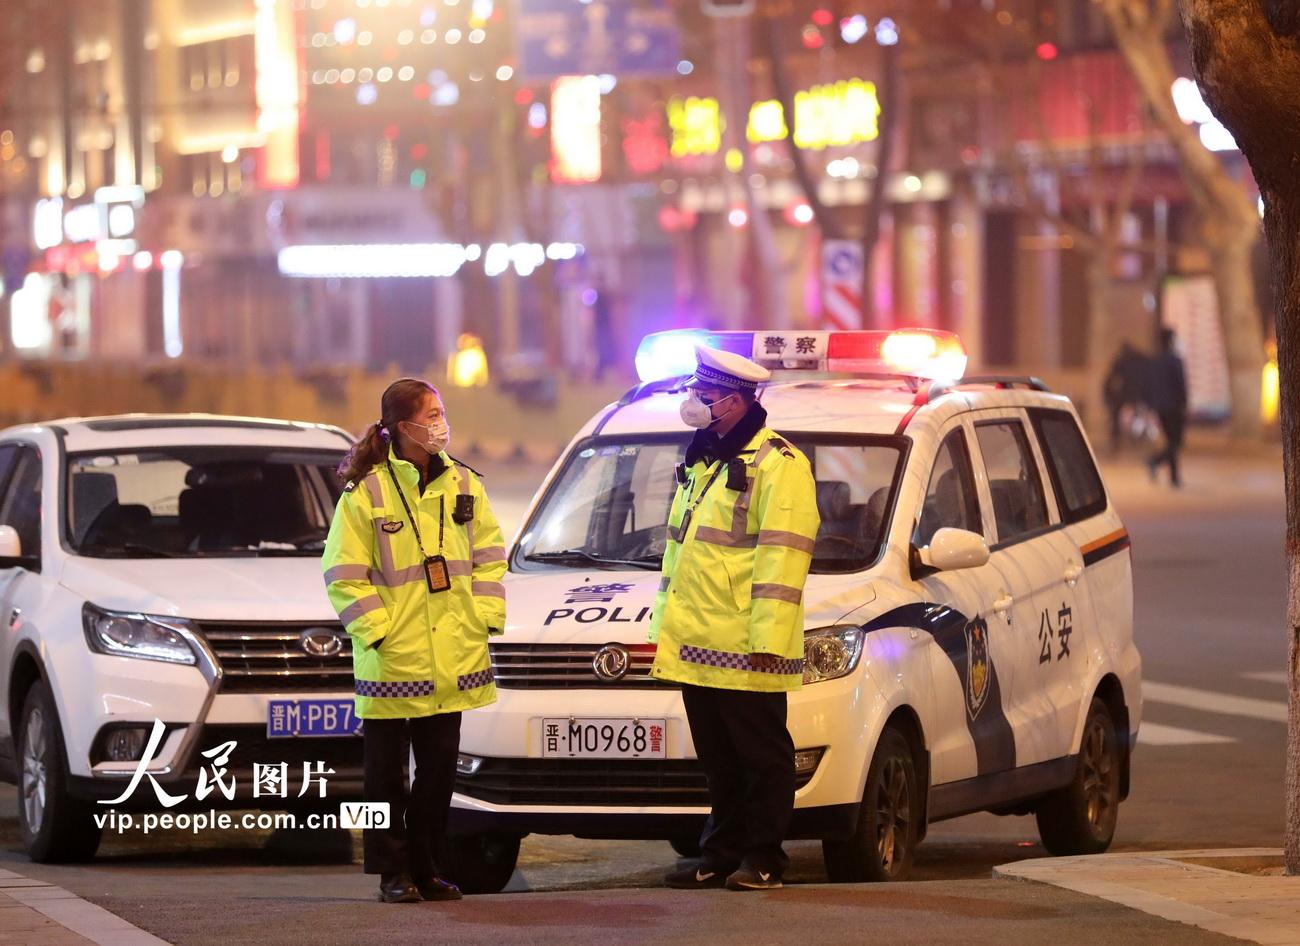 2月12日,晚8点下班后,杨婷会赶到齐胜波的防疫检查点,等他下班后,一起回家。